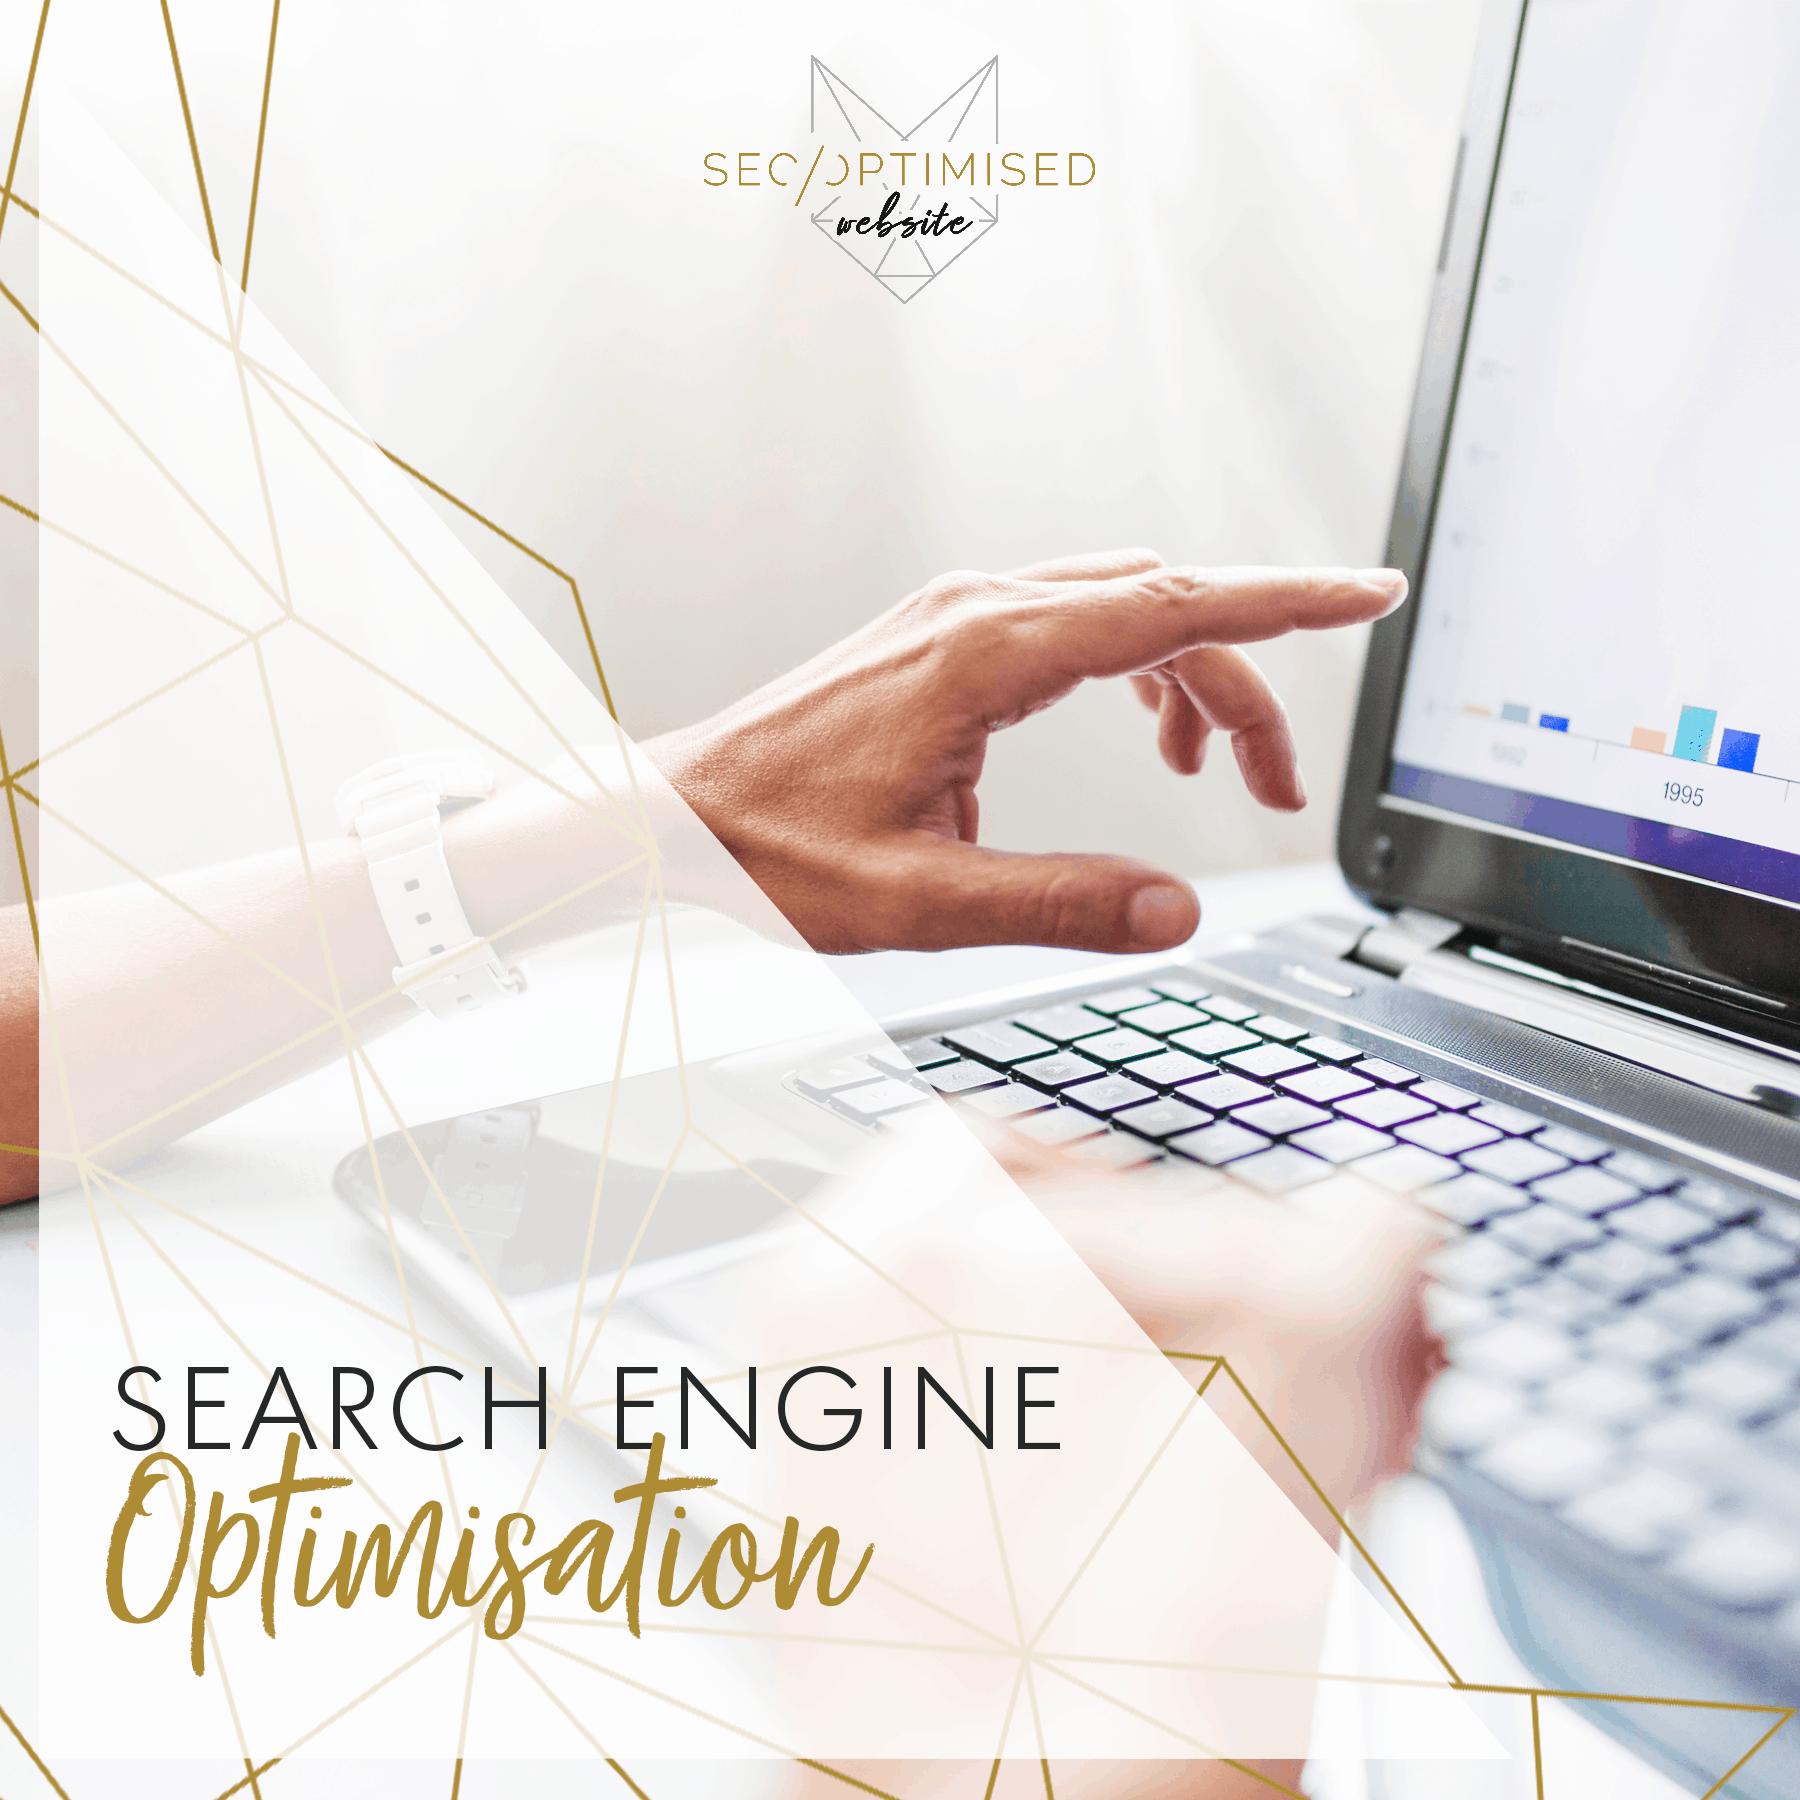 SEO Optimised Website - Search Engine Optimisation